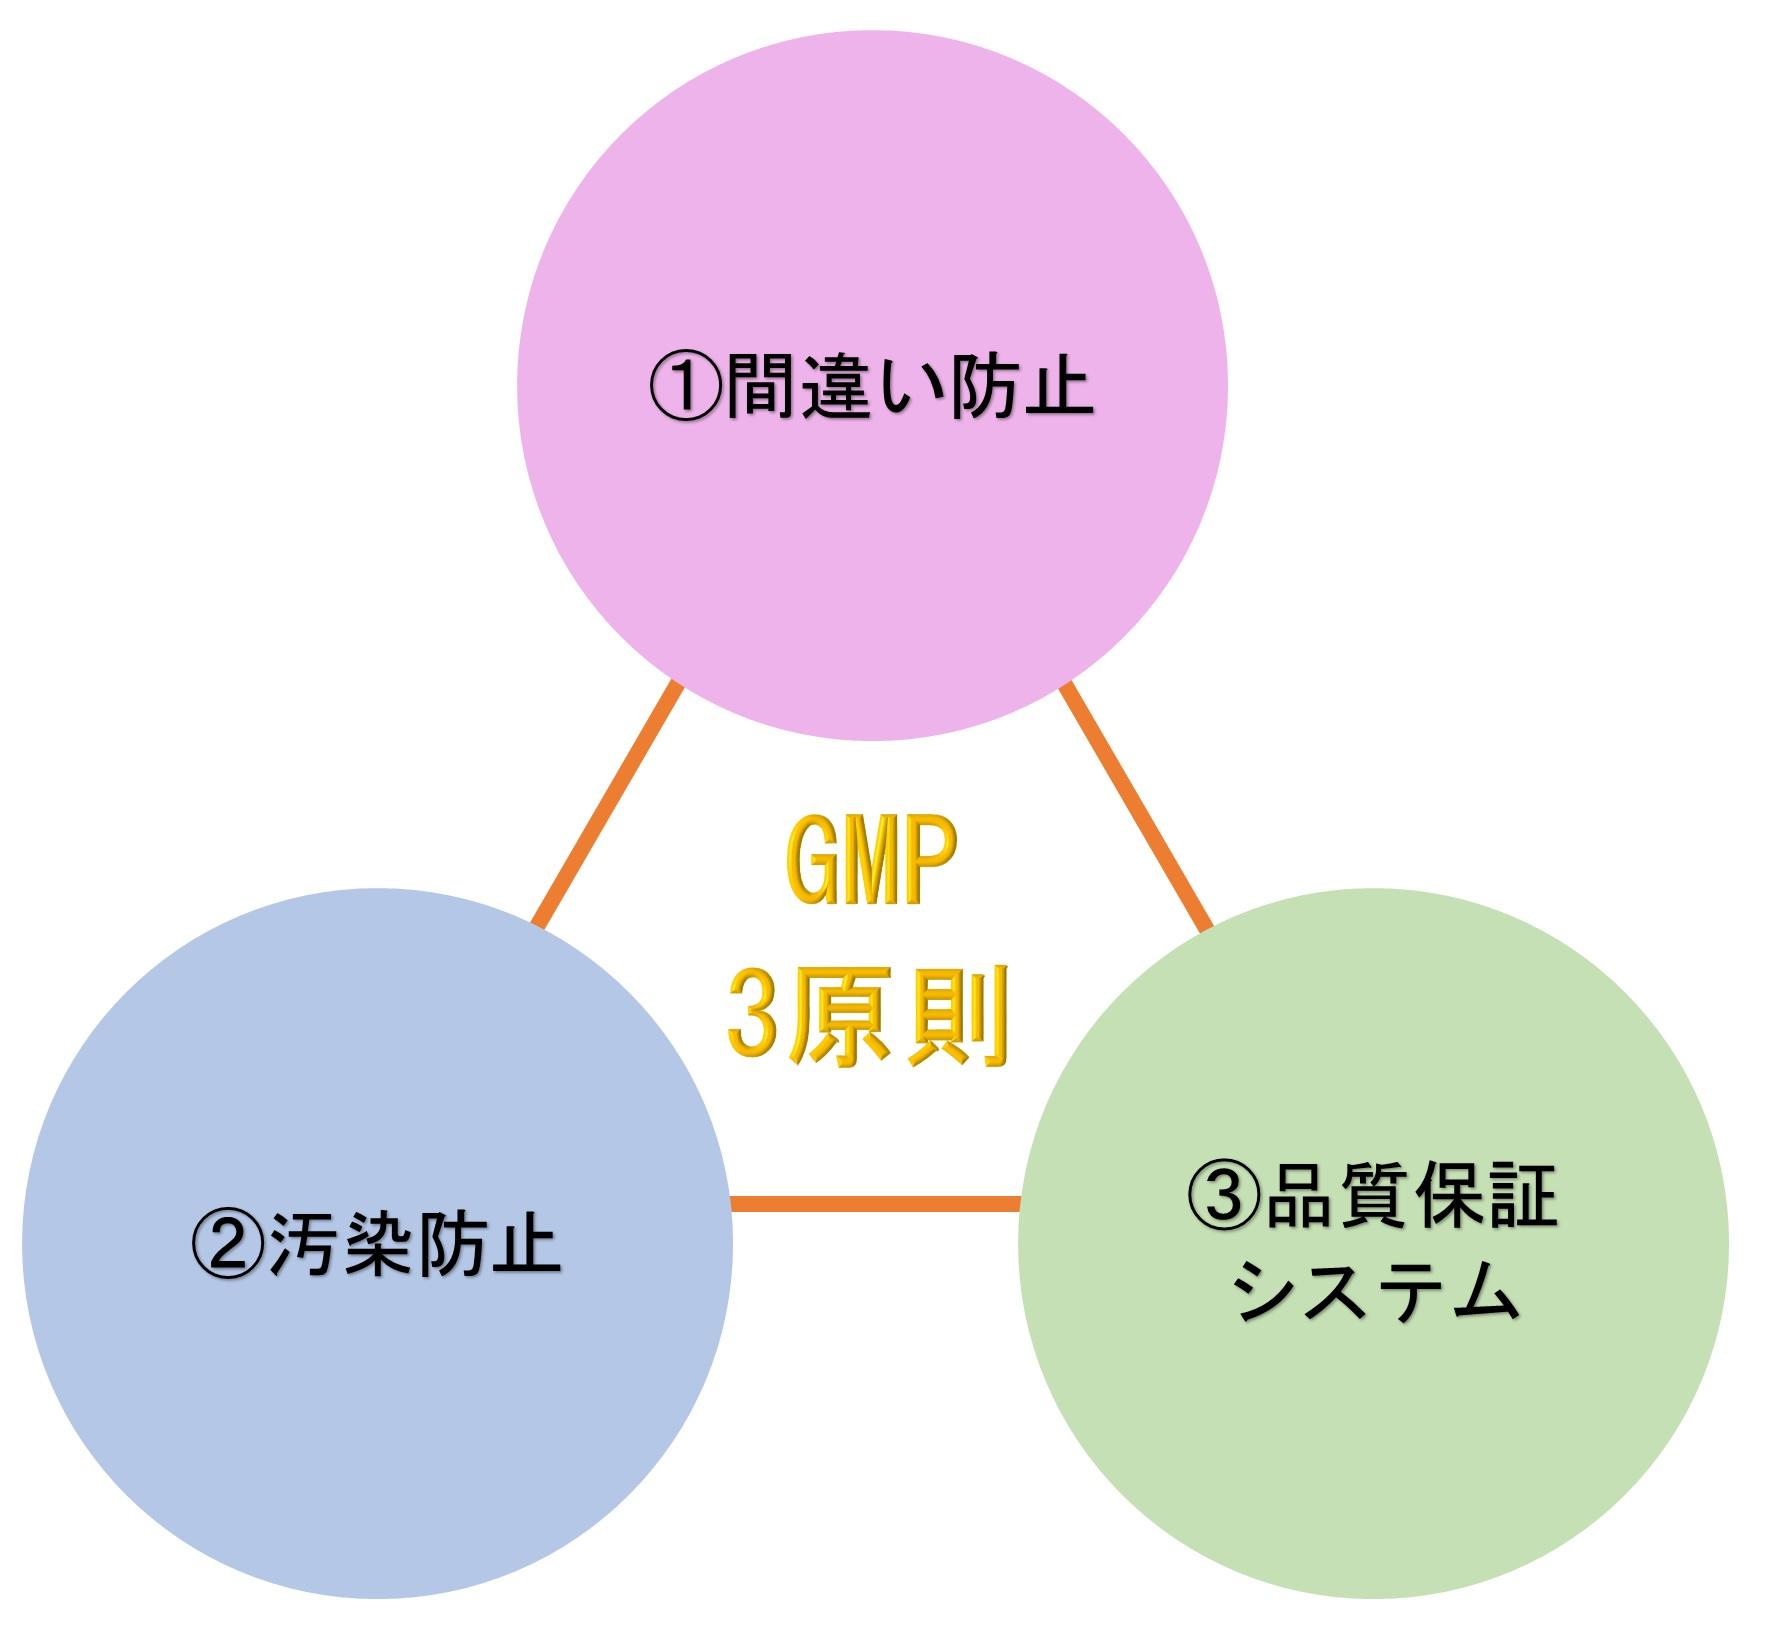 GMPの3原則とは!?